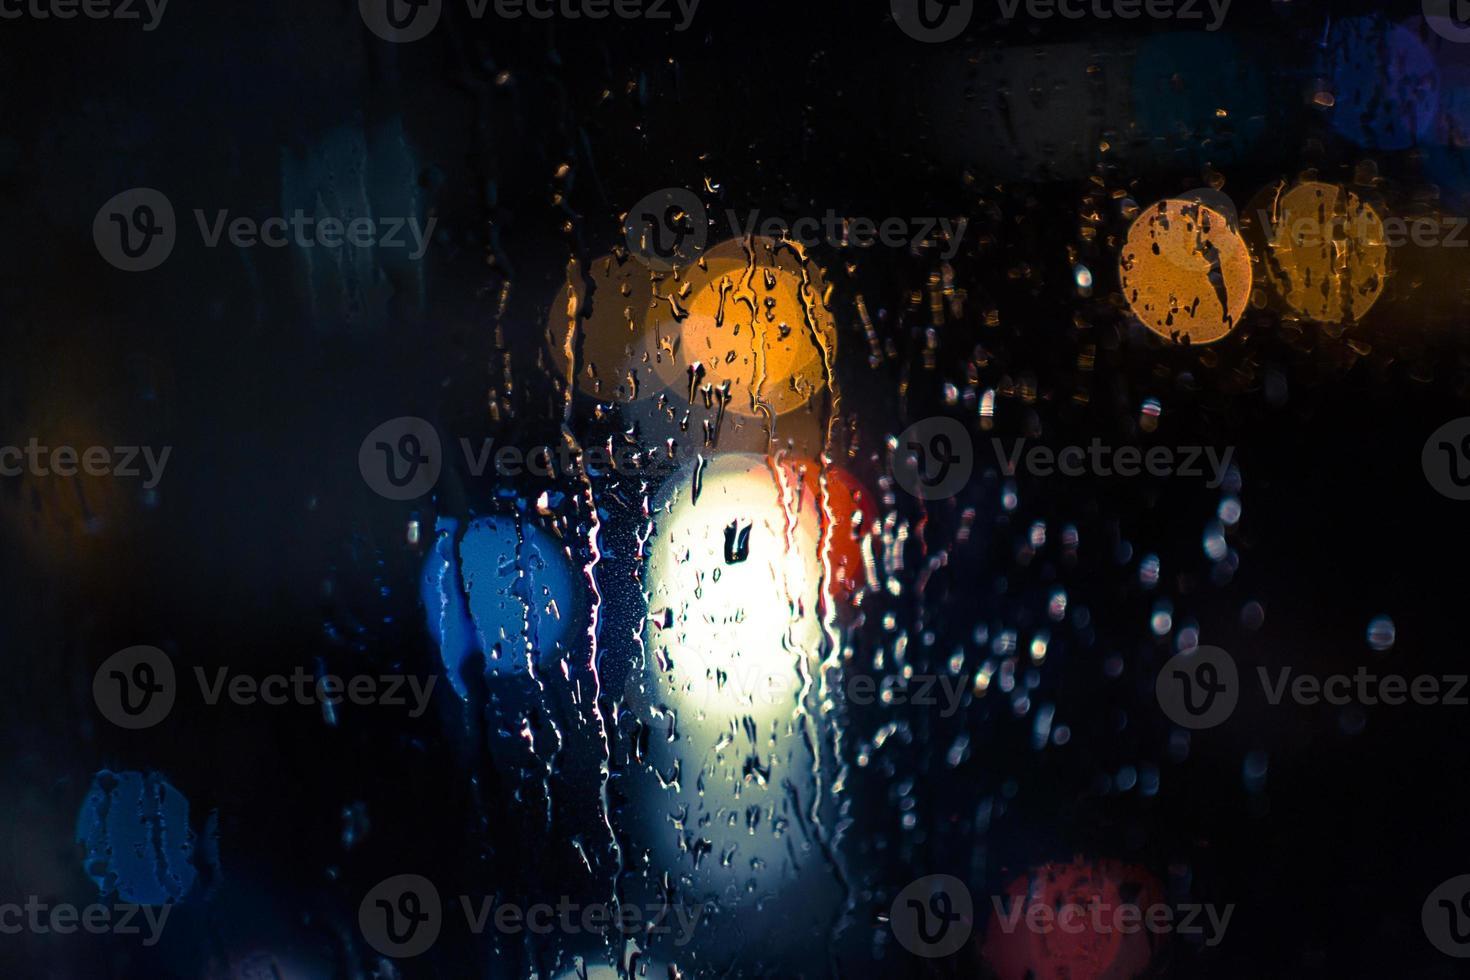 autokoplampen en straatverlichting in de regen foto